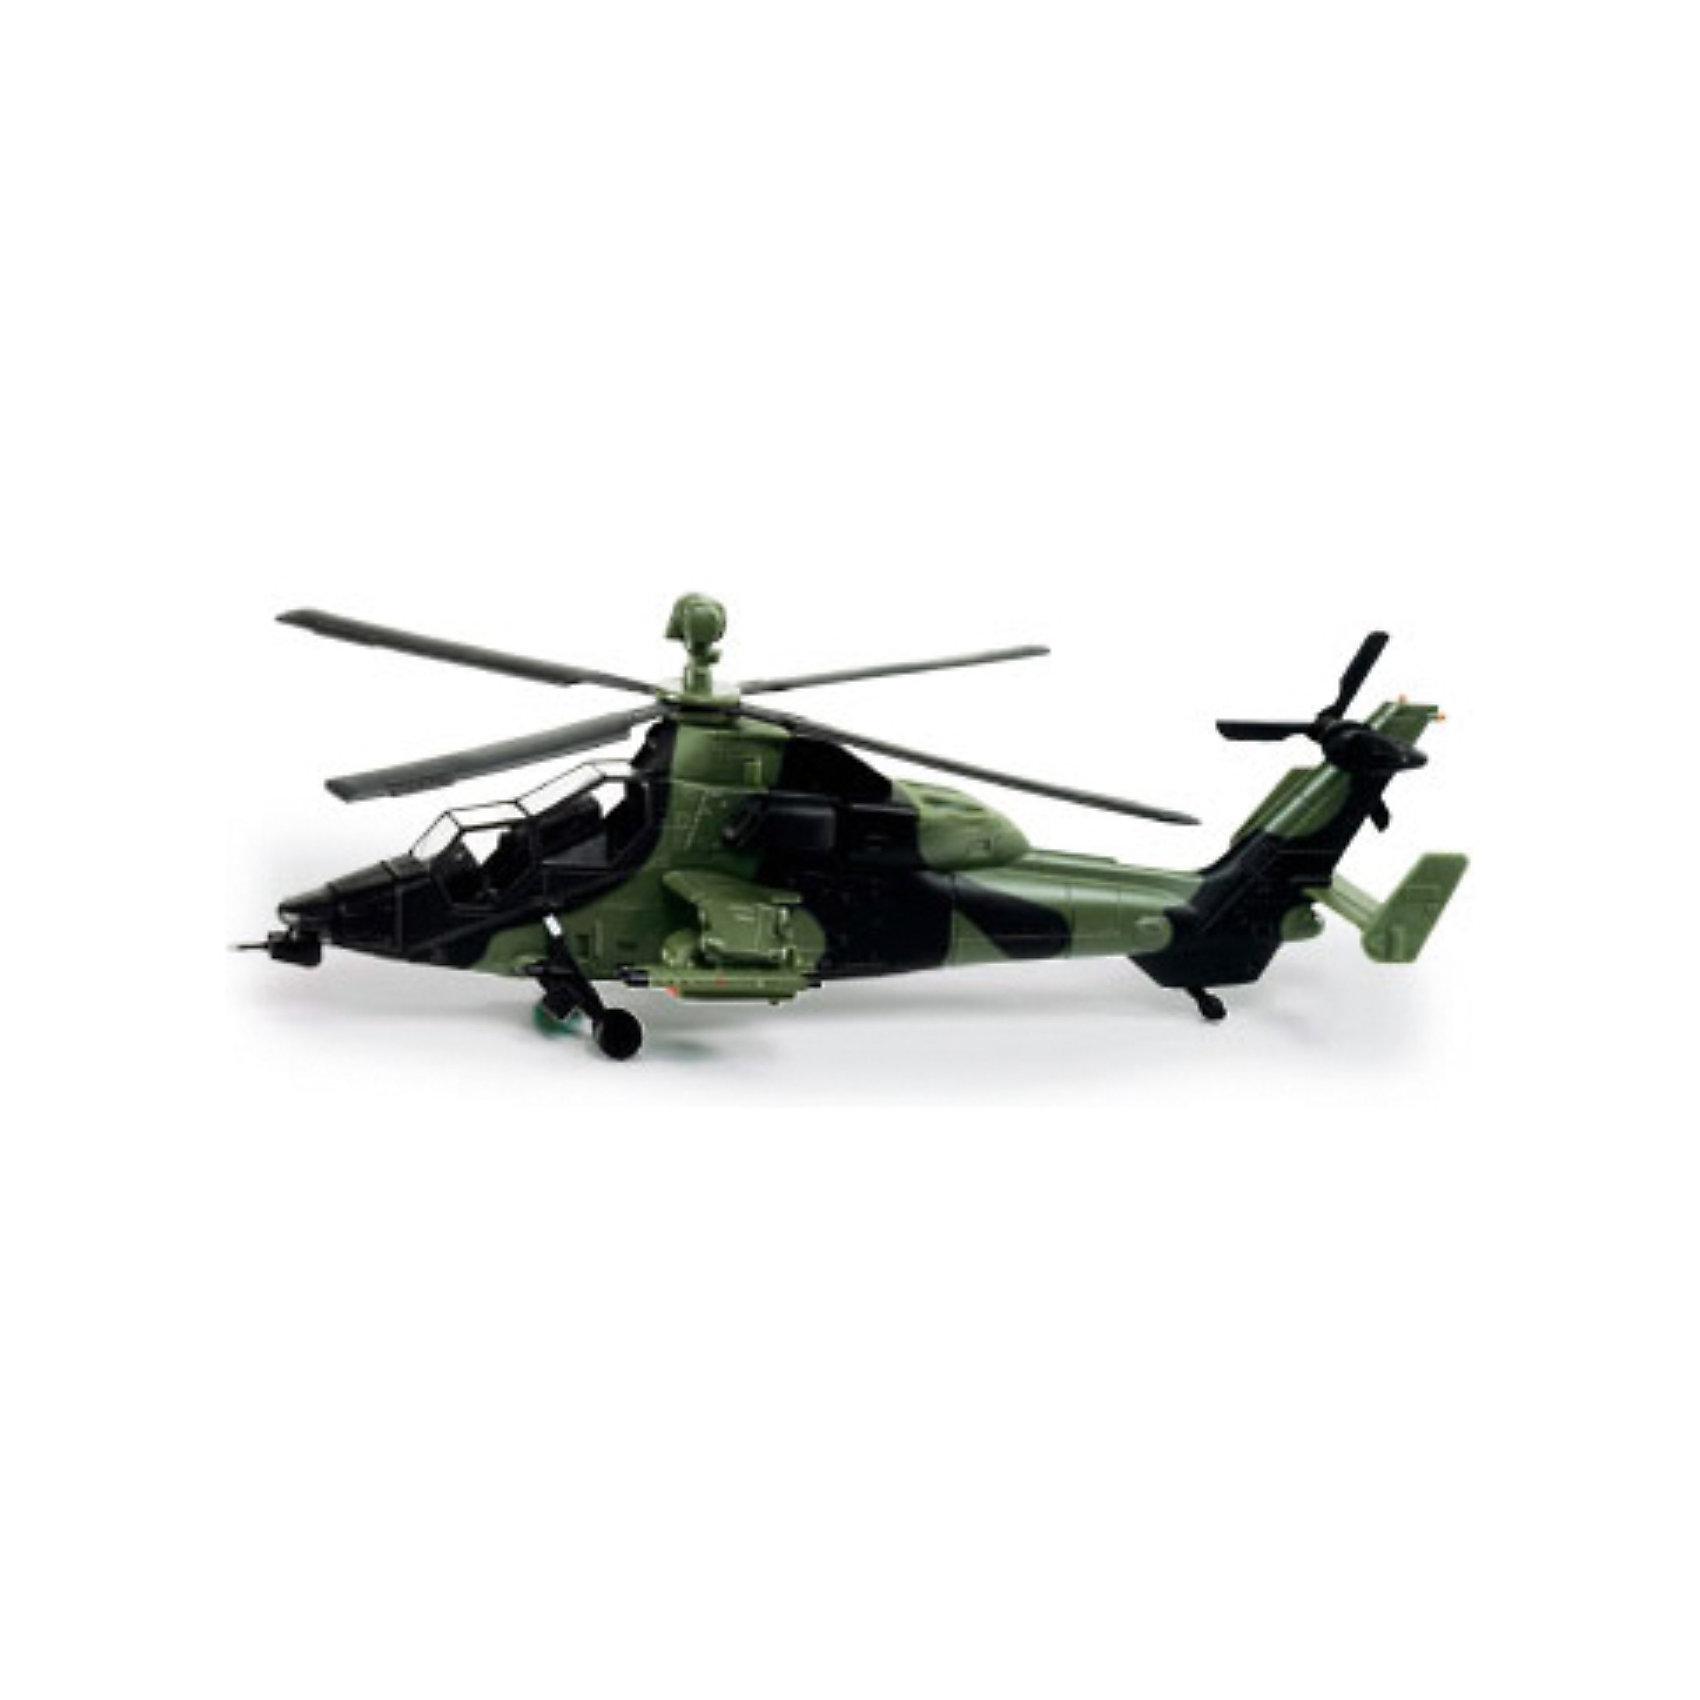 SIKU SIKU 4912 Вертолет 1:50 машинки siku мусоровоз 1 50